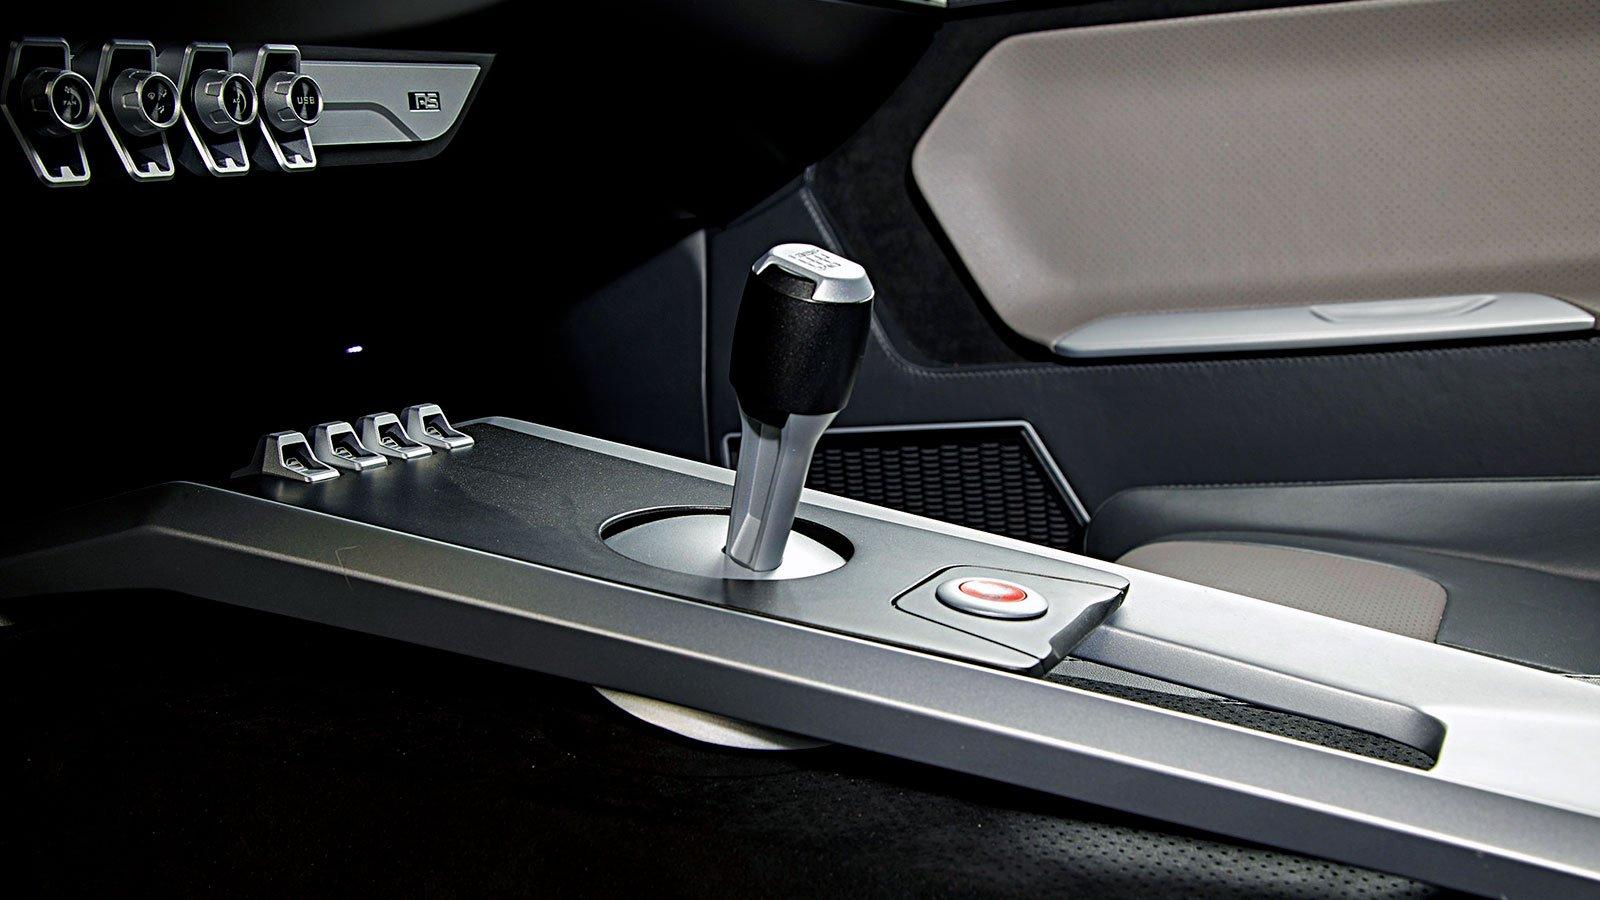 interior-console-controls